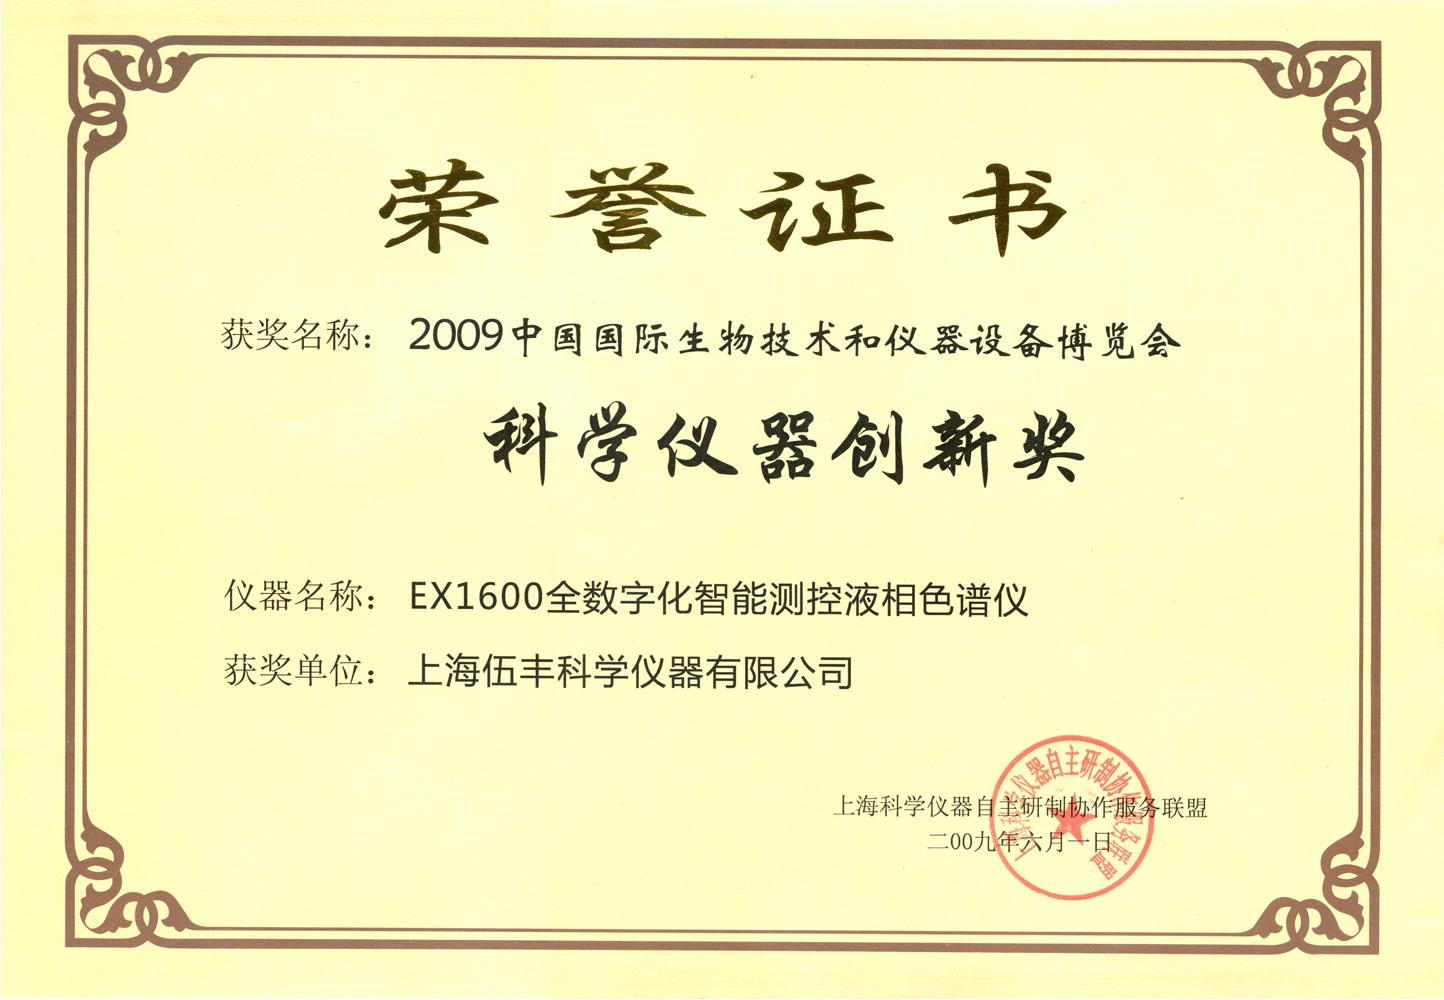 2009科联EX1600科学创新奖